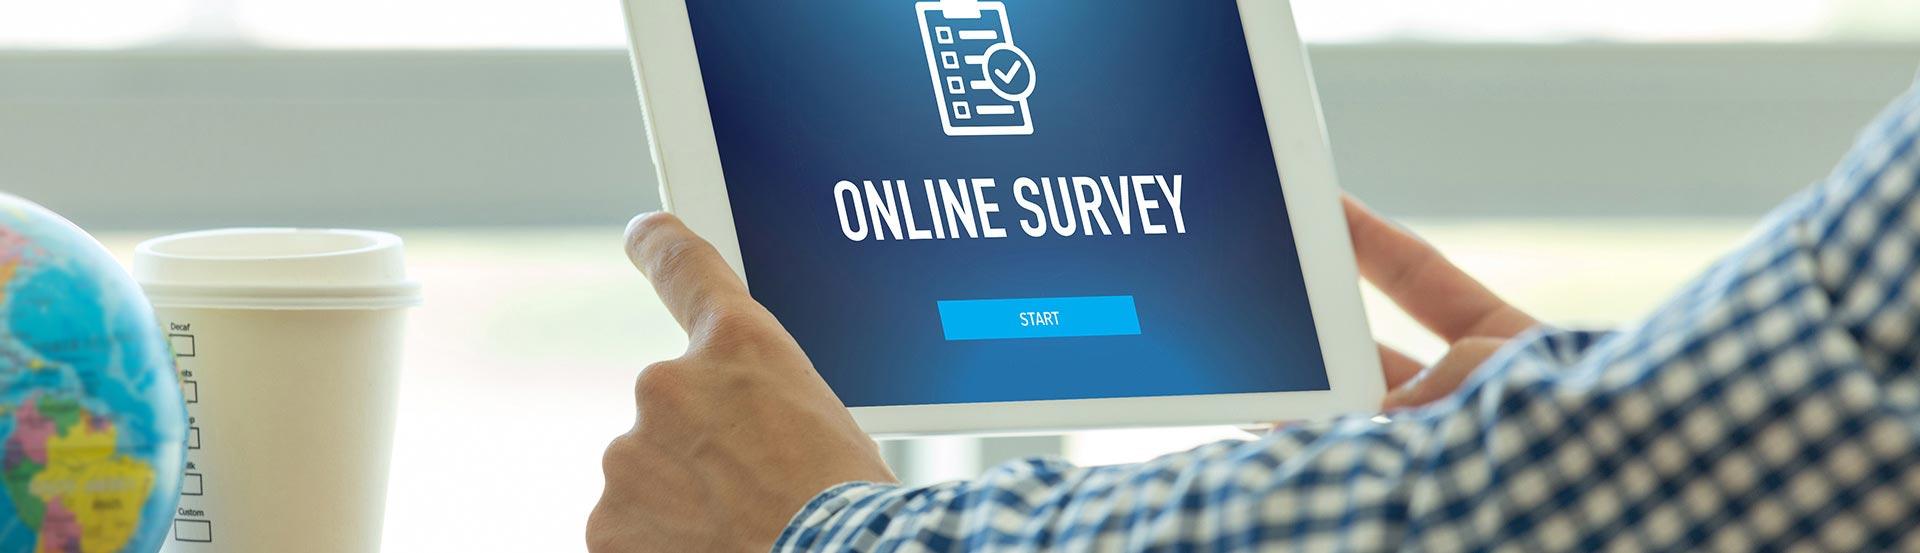 Online survey publication